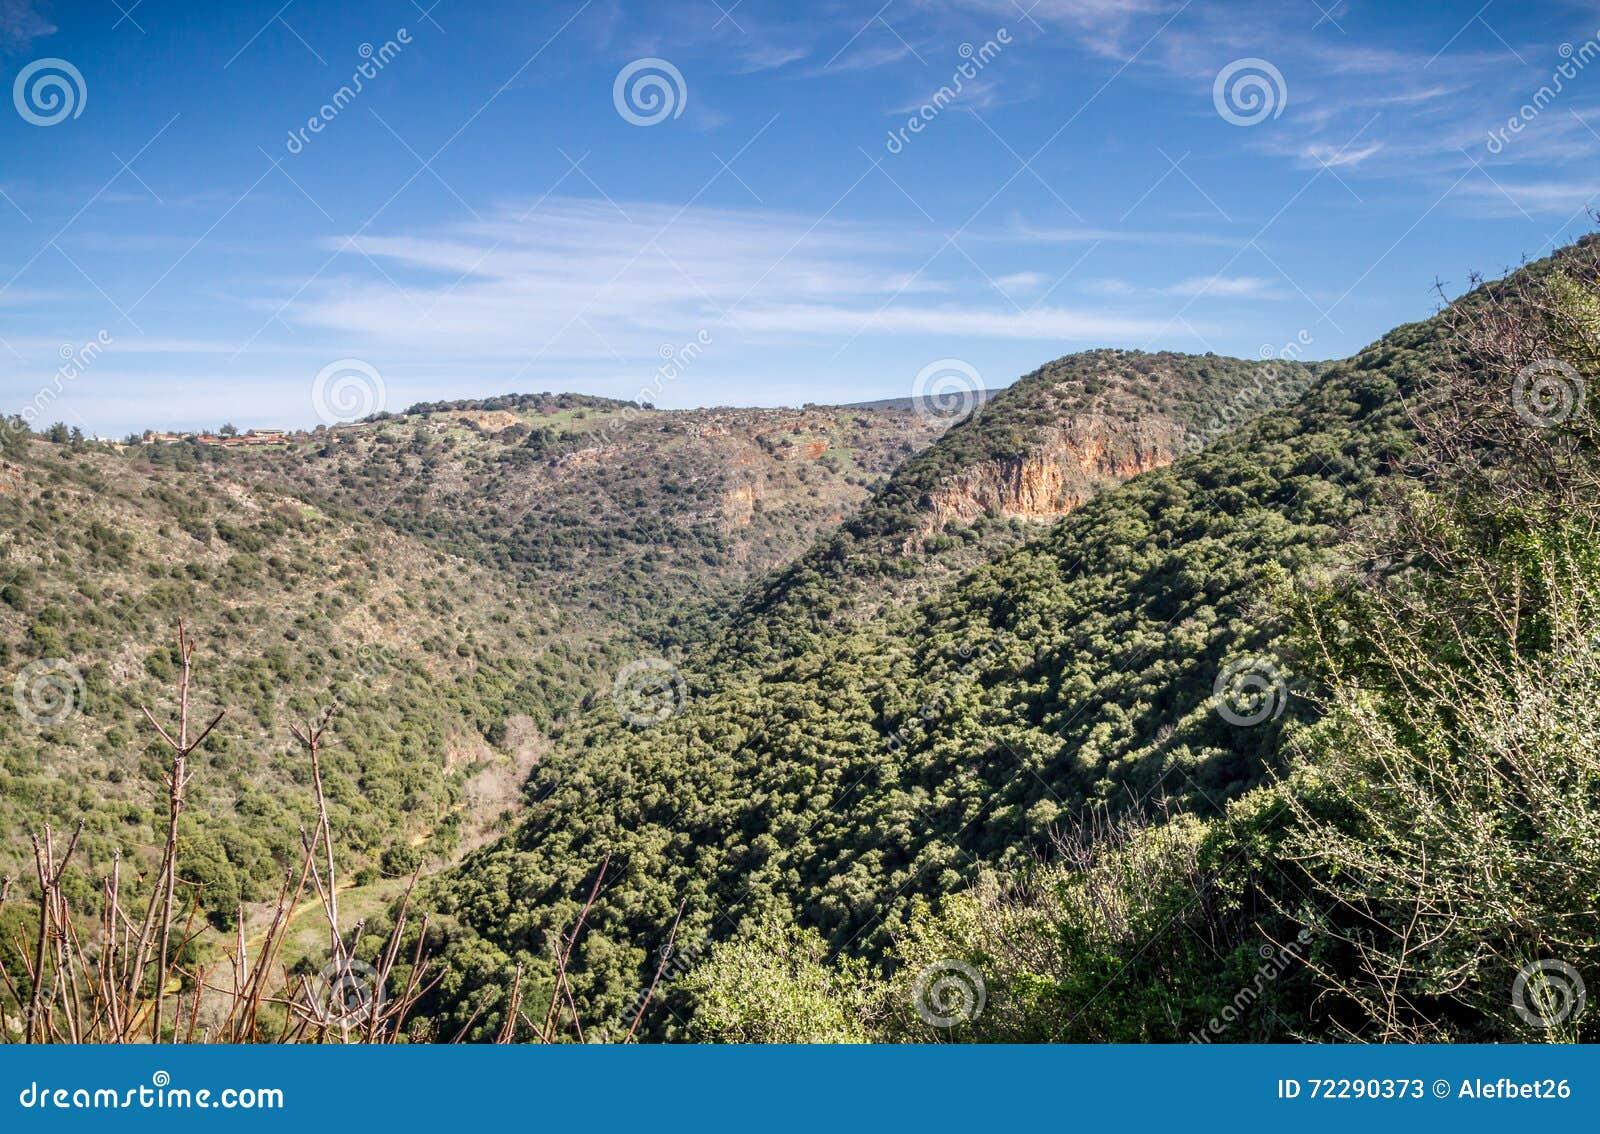 Download Ландшафт горы, верхняя Галилея в Израиле Стоковое Изображение - изображение насчитывающей святейше, гористо: 72290373